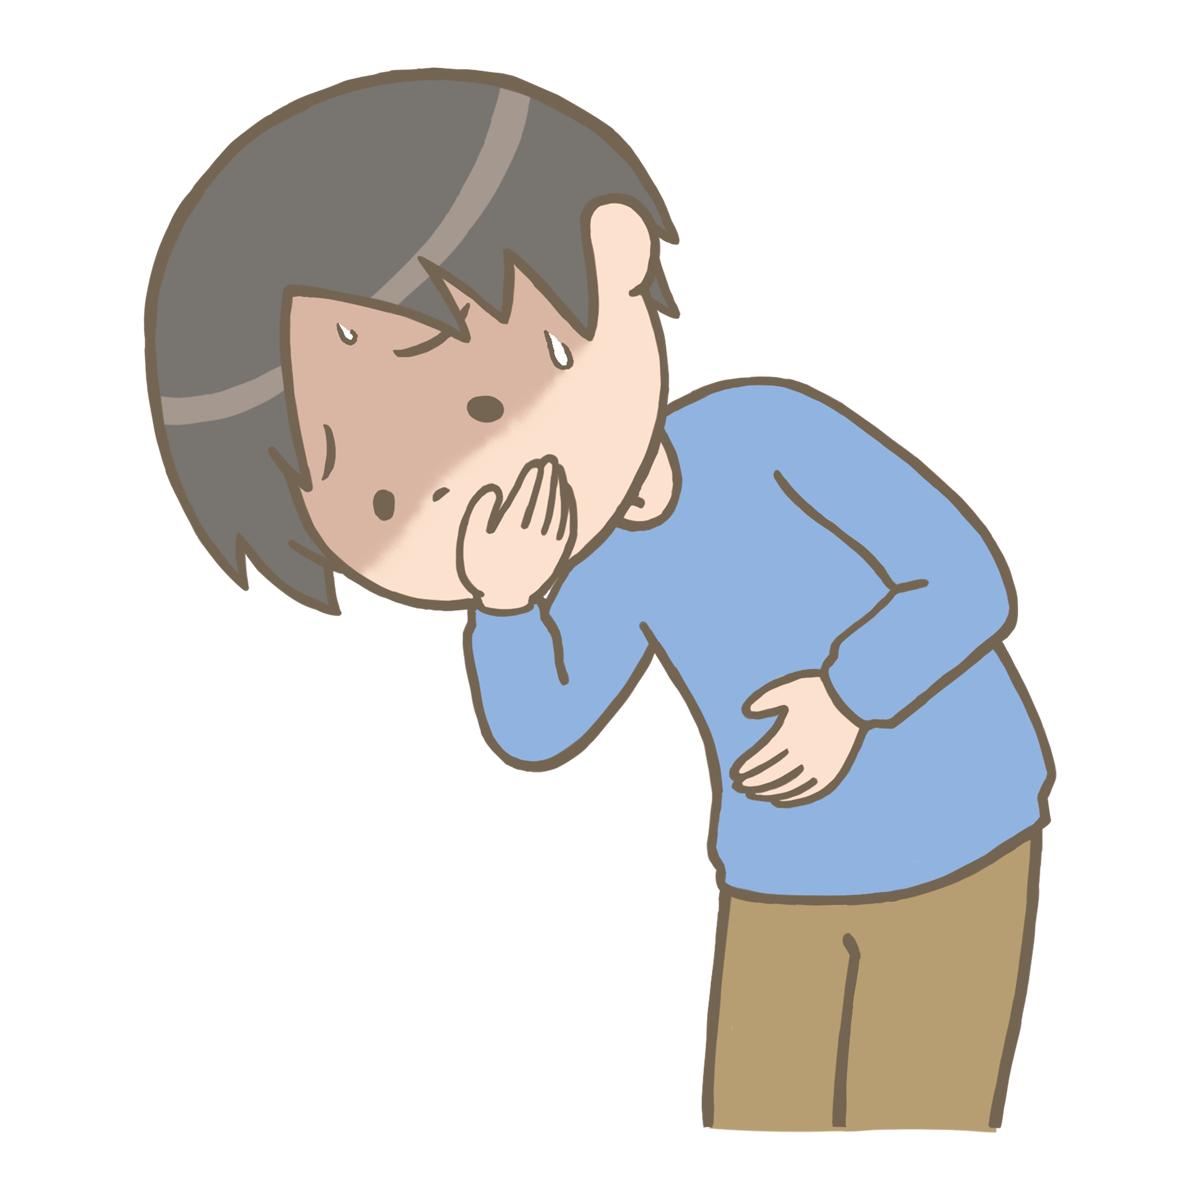 トレ 吐き気 筋